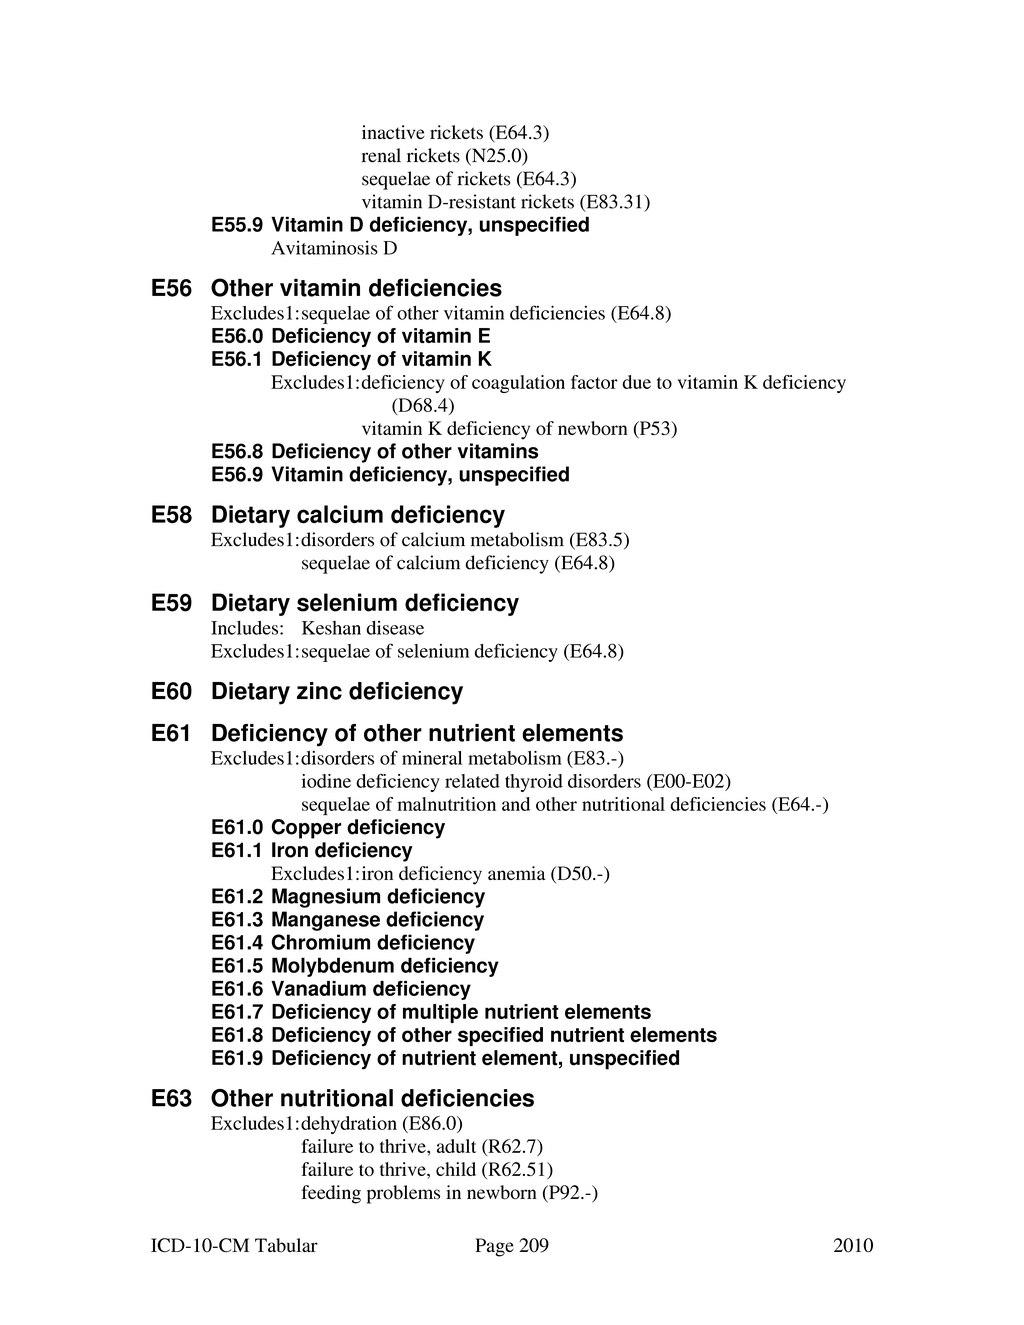 colocación de aicd código icd 10 para diabetes